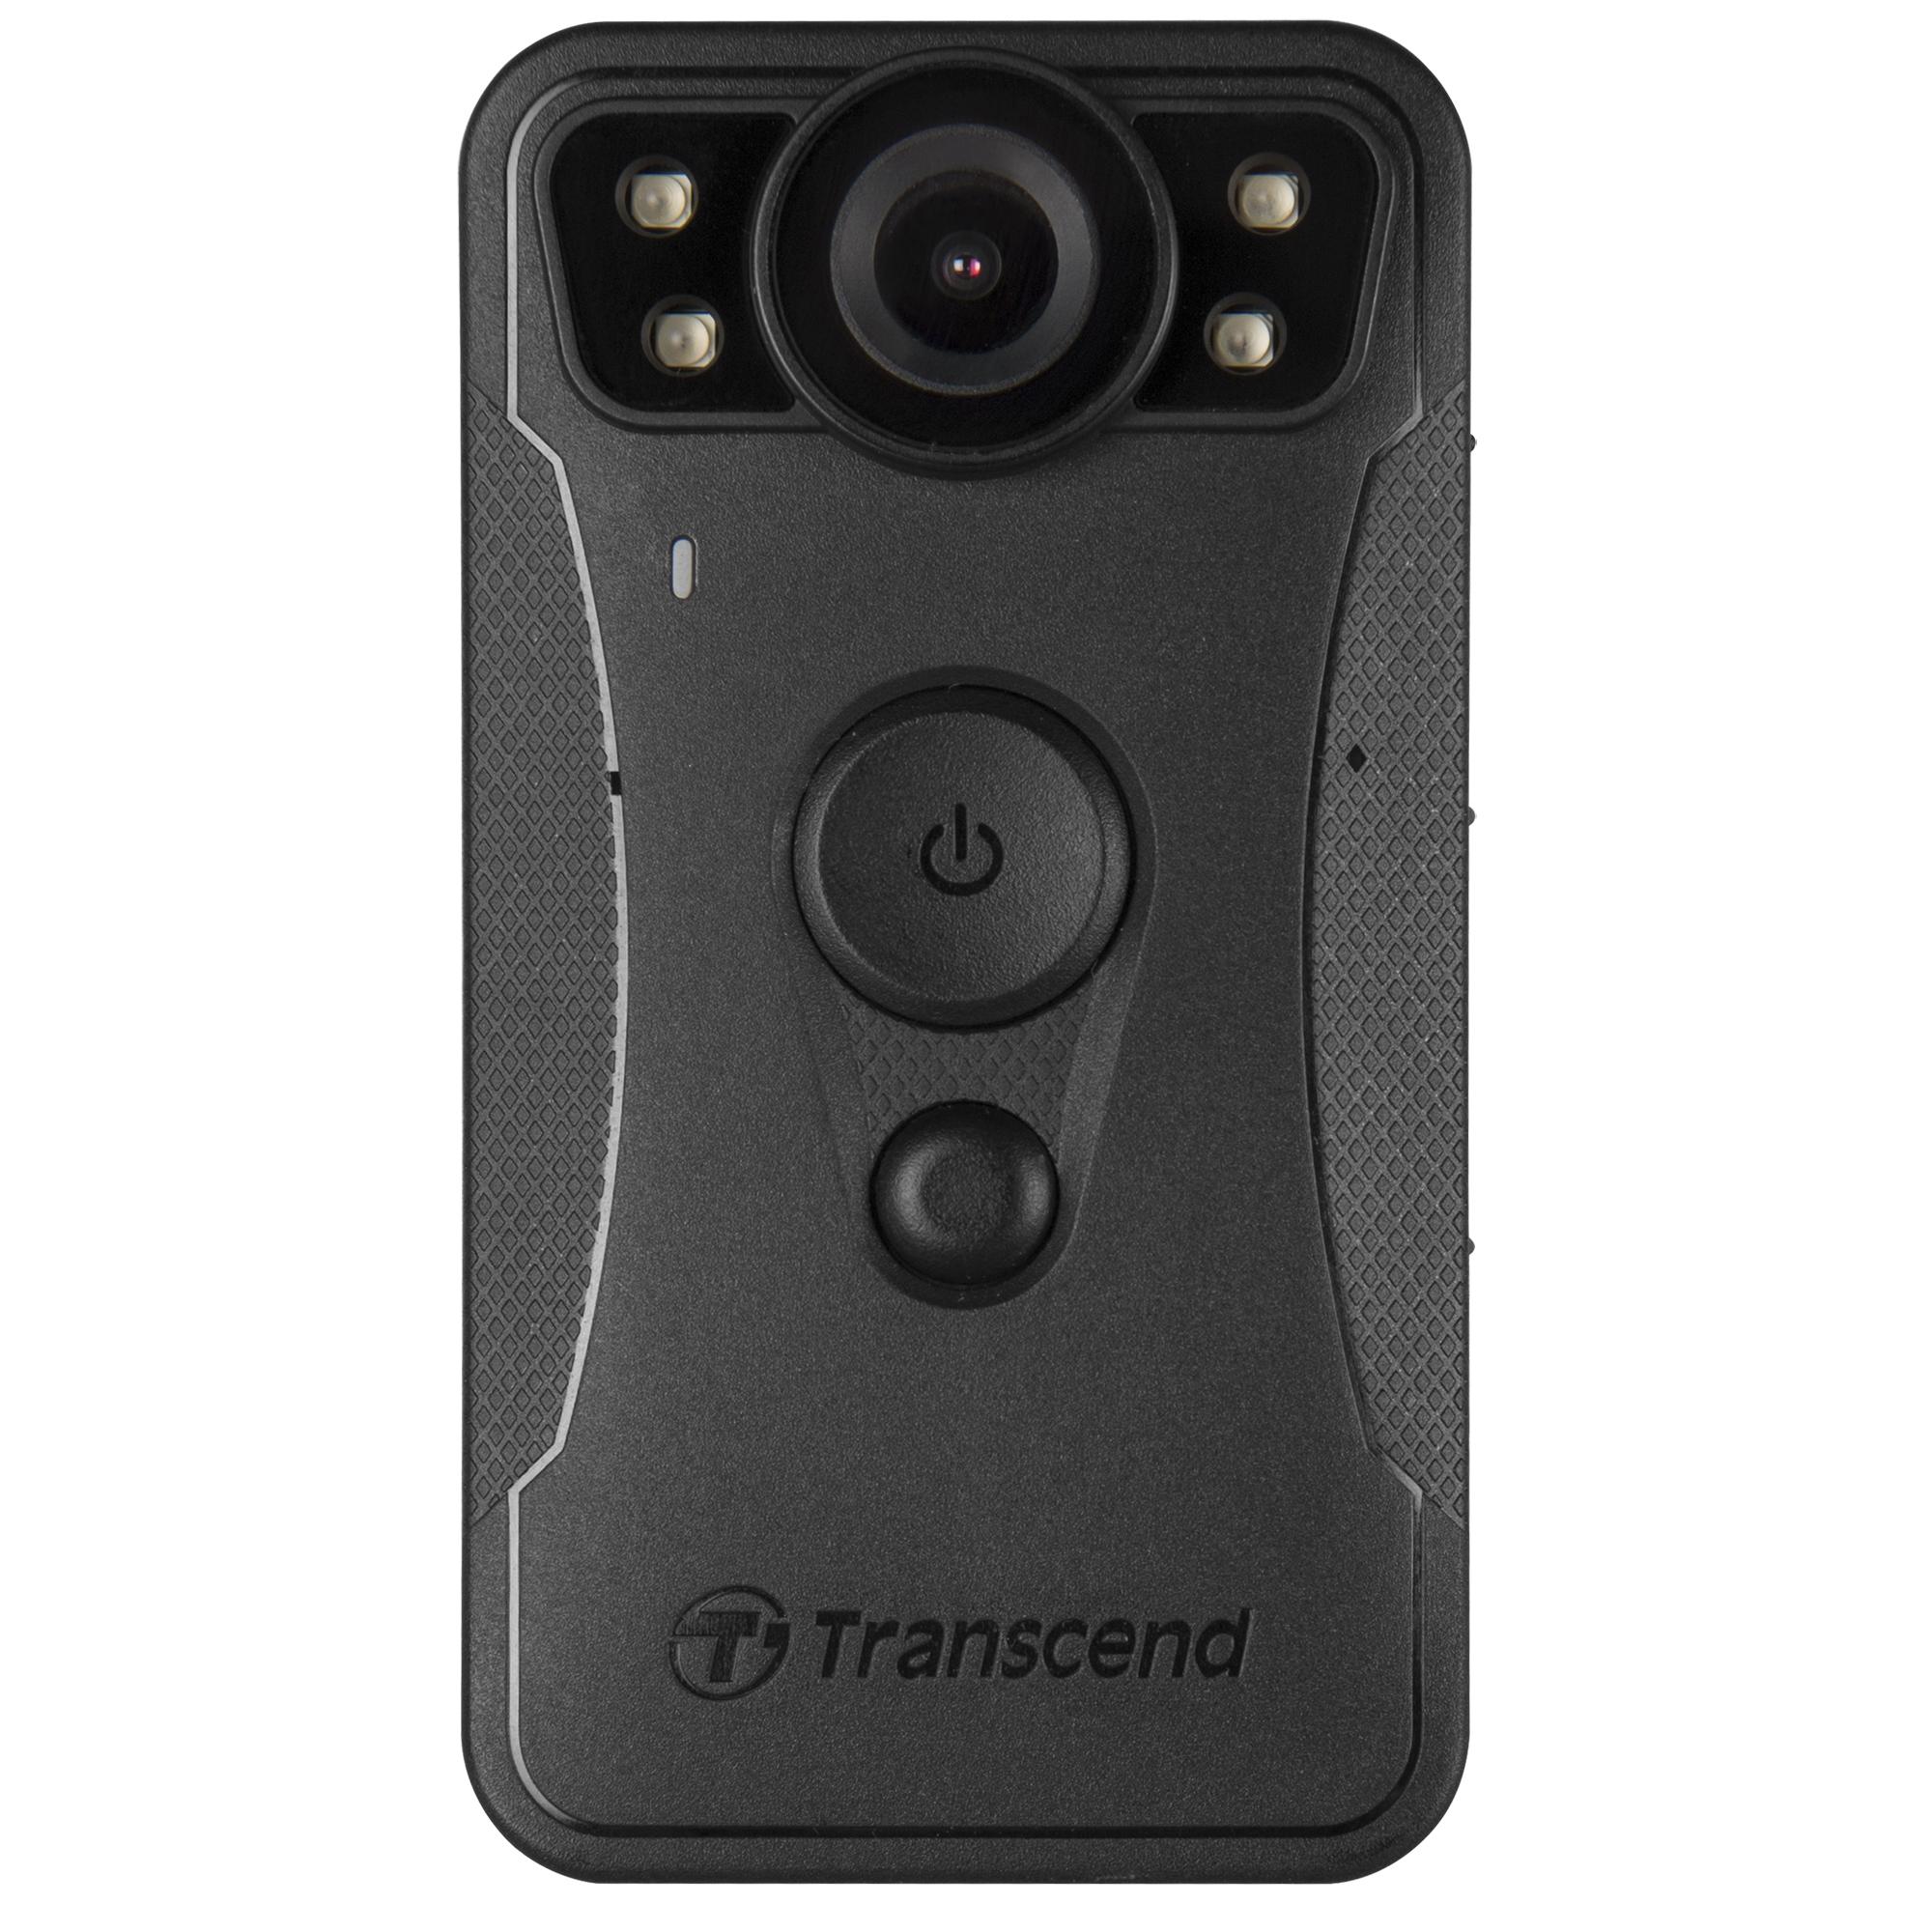 Transcend DrivePro Body 30 / Transcend Information, Inc.